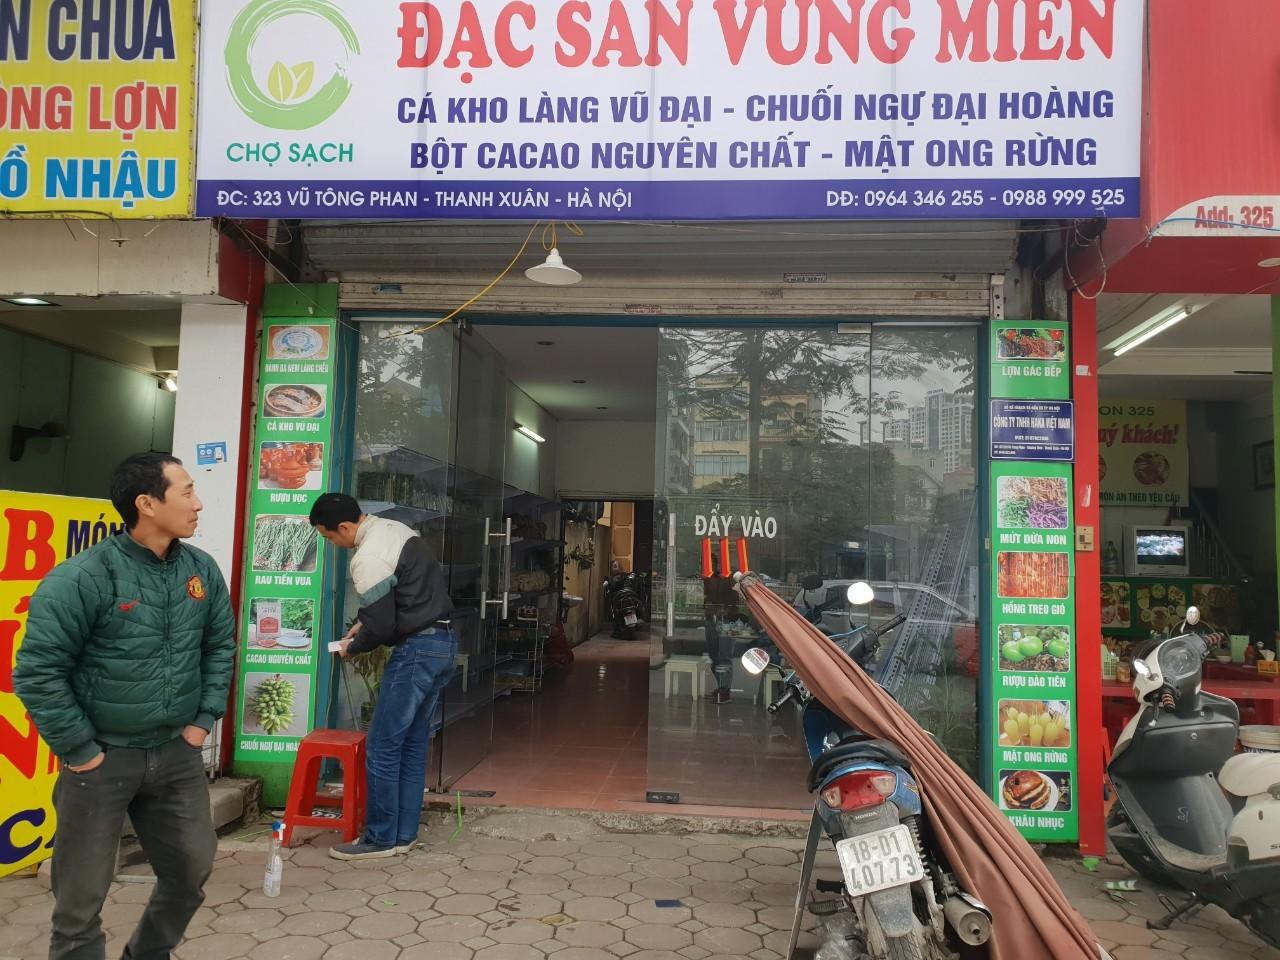 Mua bong bóng cá trắm đen ở đâu Hà Nội, Tp HCM?